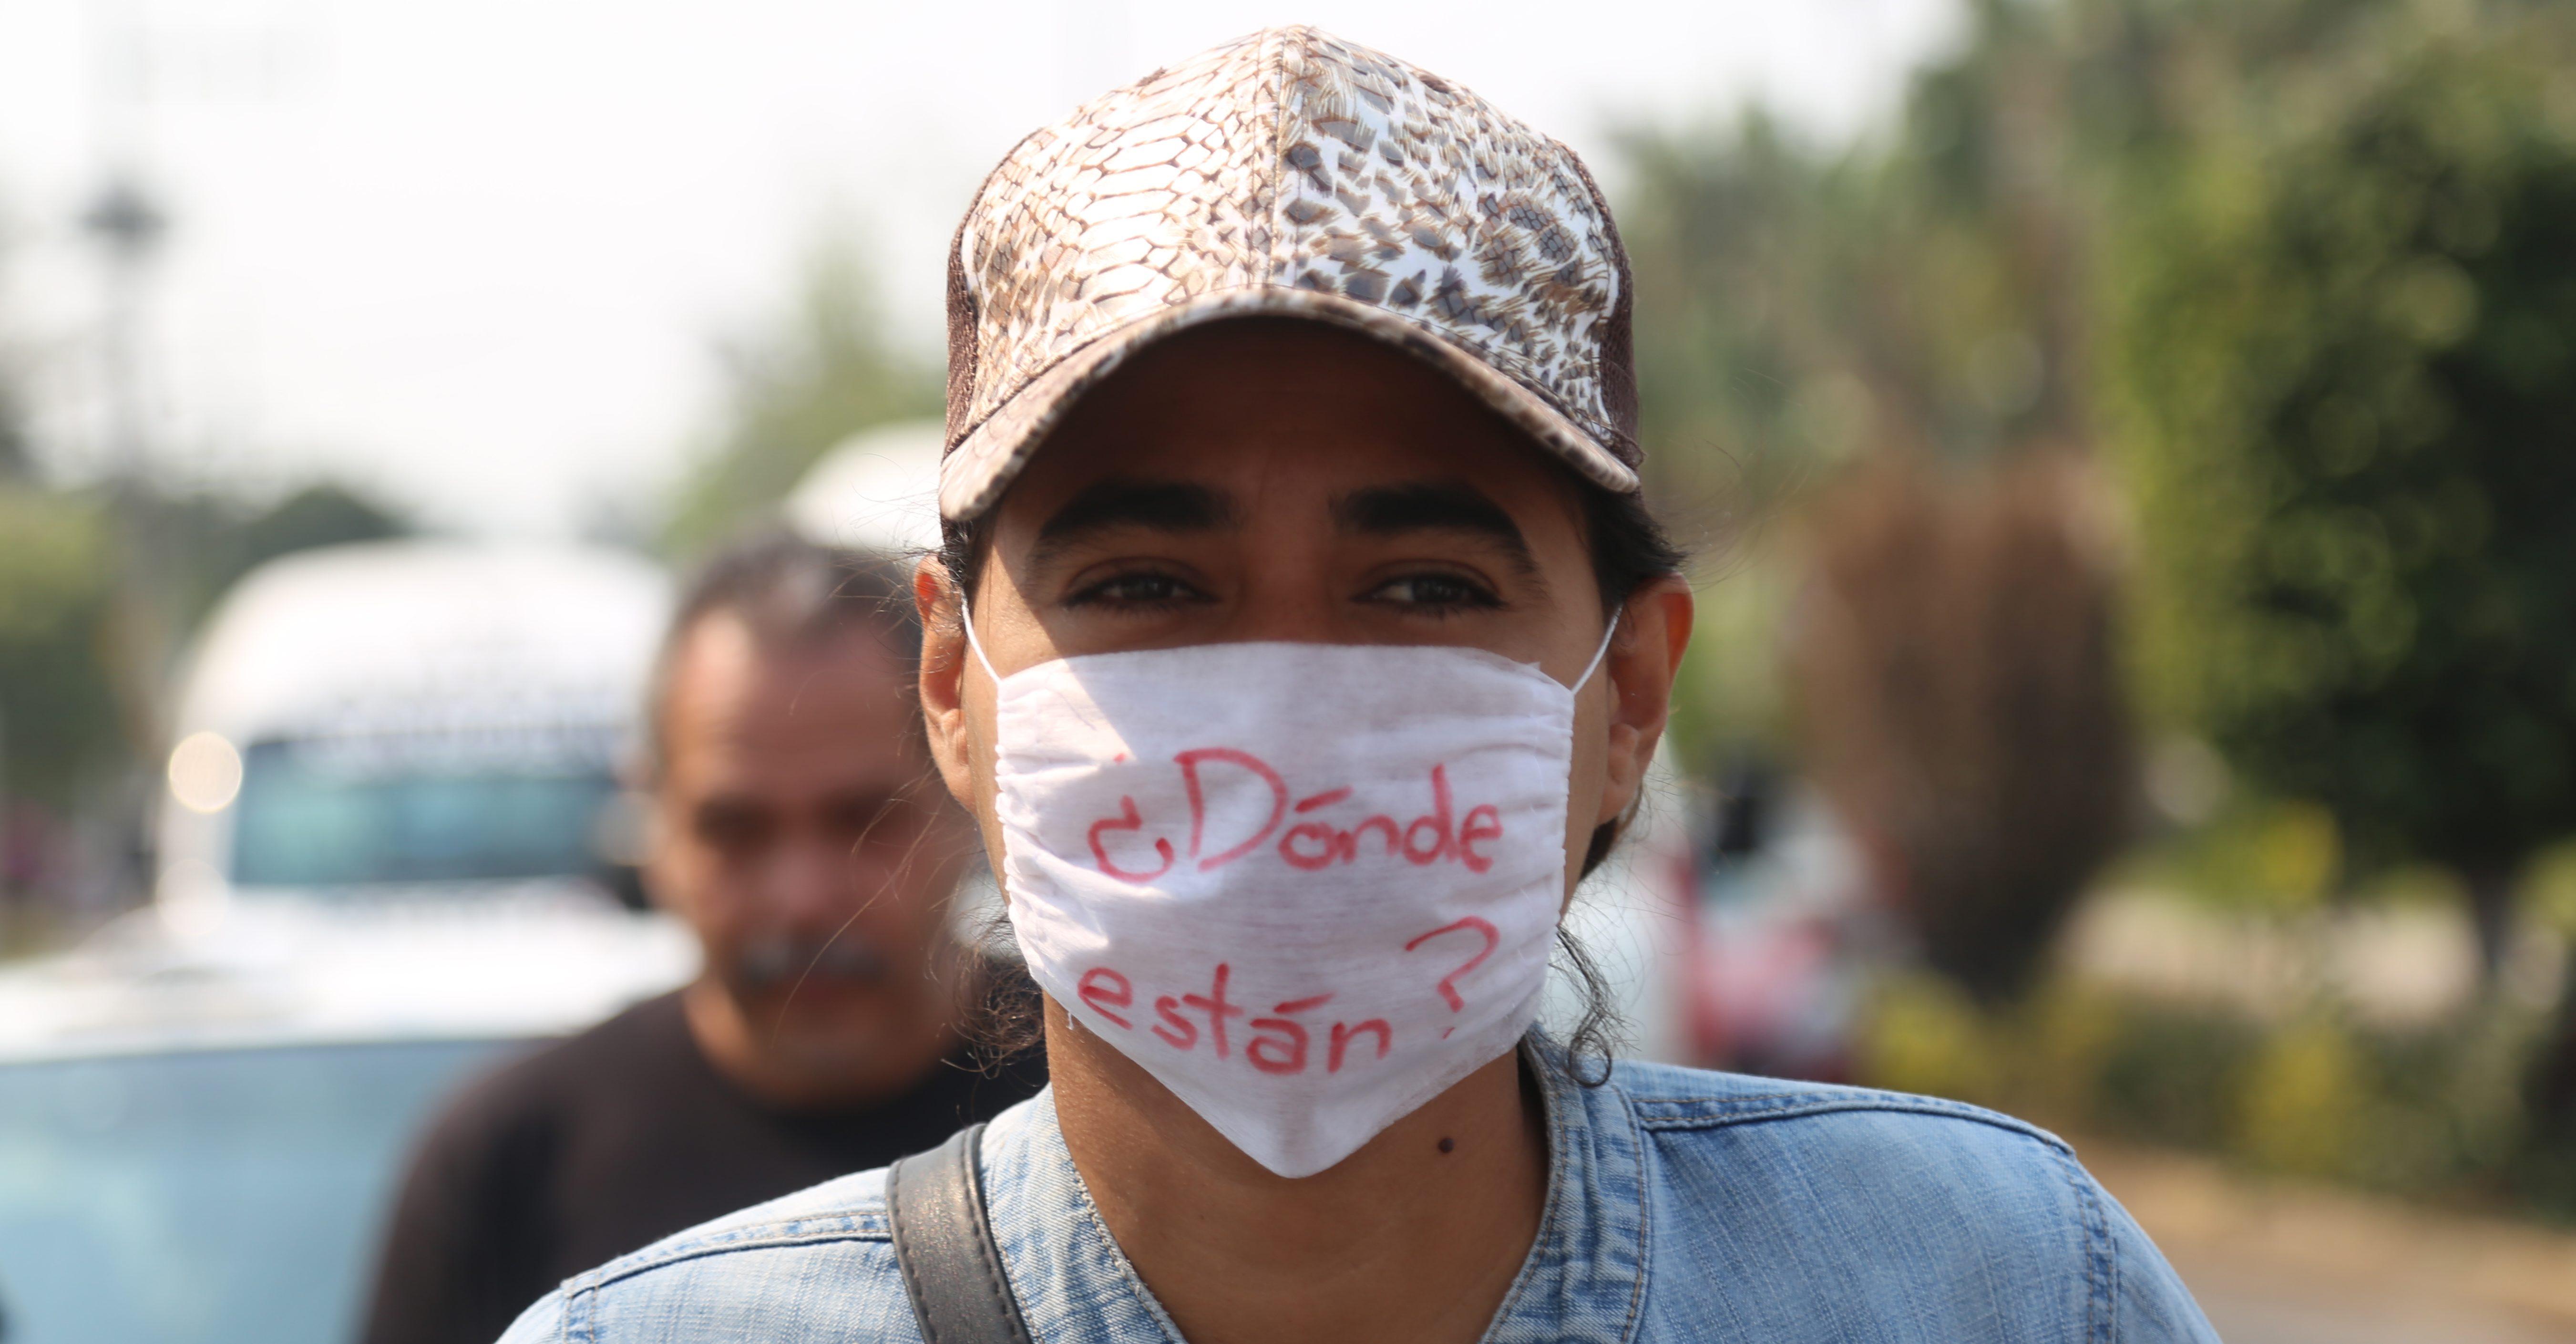 Madres e hijos se pierden sin dejar rastro en Guerrero